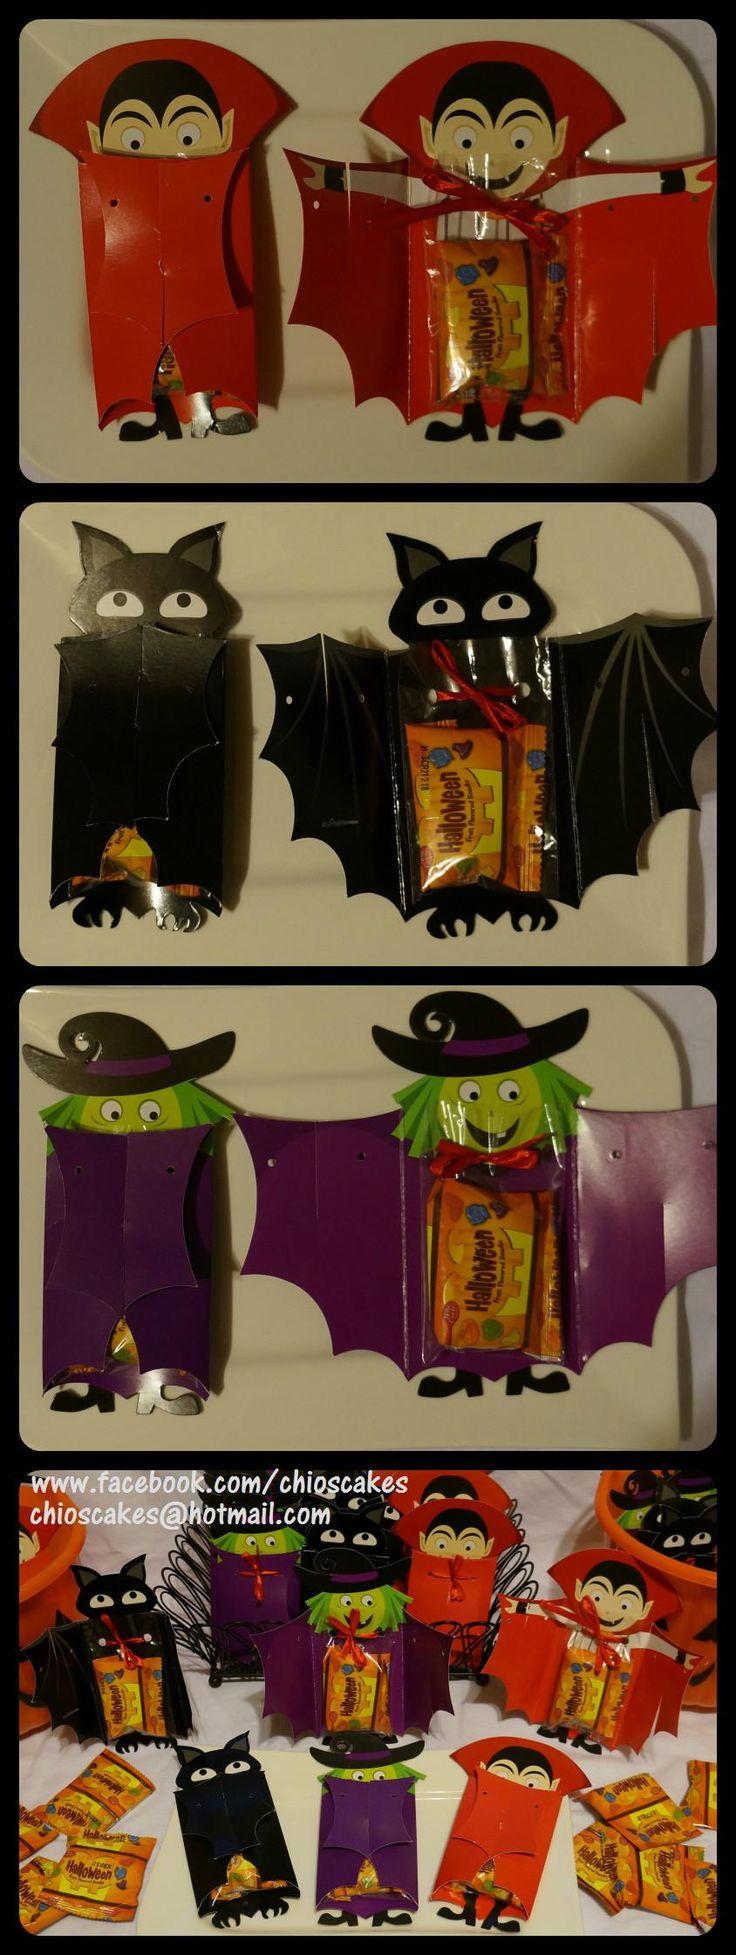 DOLLAR STORE PARTY IDEA. I found these treat bags at a dollar store. Only filled with jelly beans and ready! Happy Halloween kids! / Encontré estas bolsas para golosinas en una tienda de dóllar. Solamente las llené con gomitas y listo!. Me parecieron divertidas para la fiesta de Halloween de la escuela de mis hijos. Seguro que lo van a disfrutar... Happy Halloween enanitos!!!